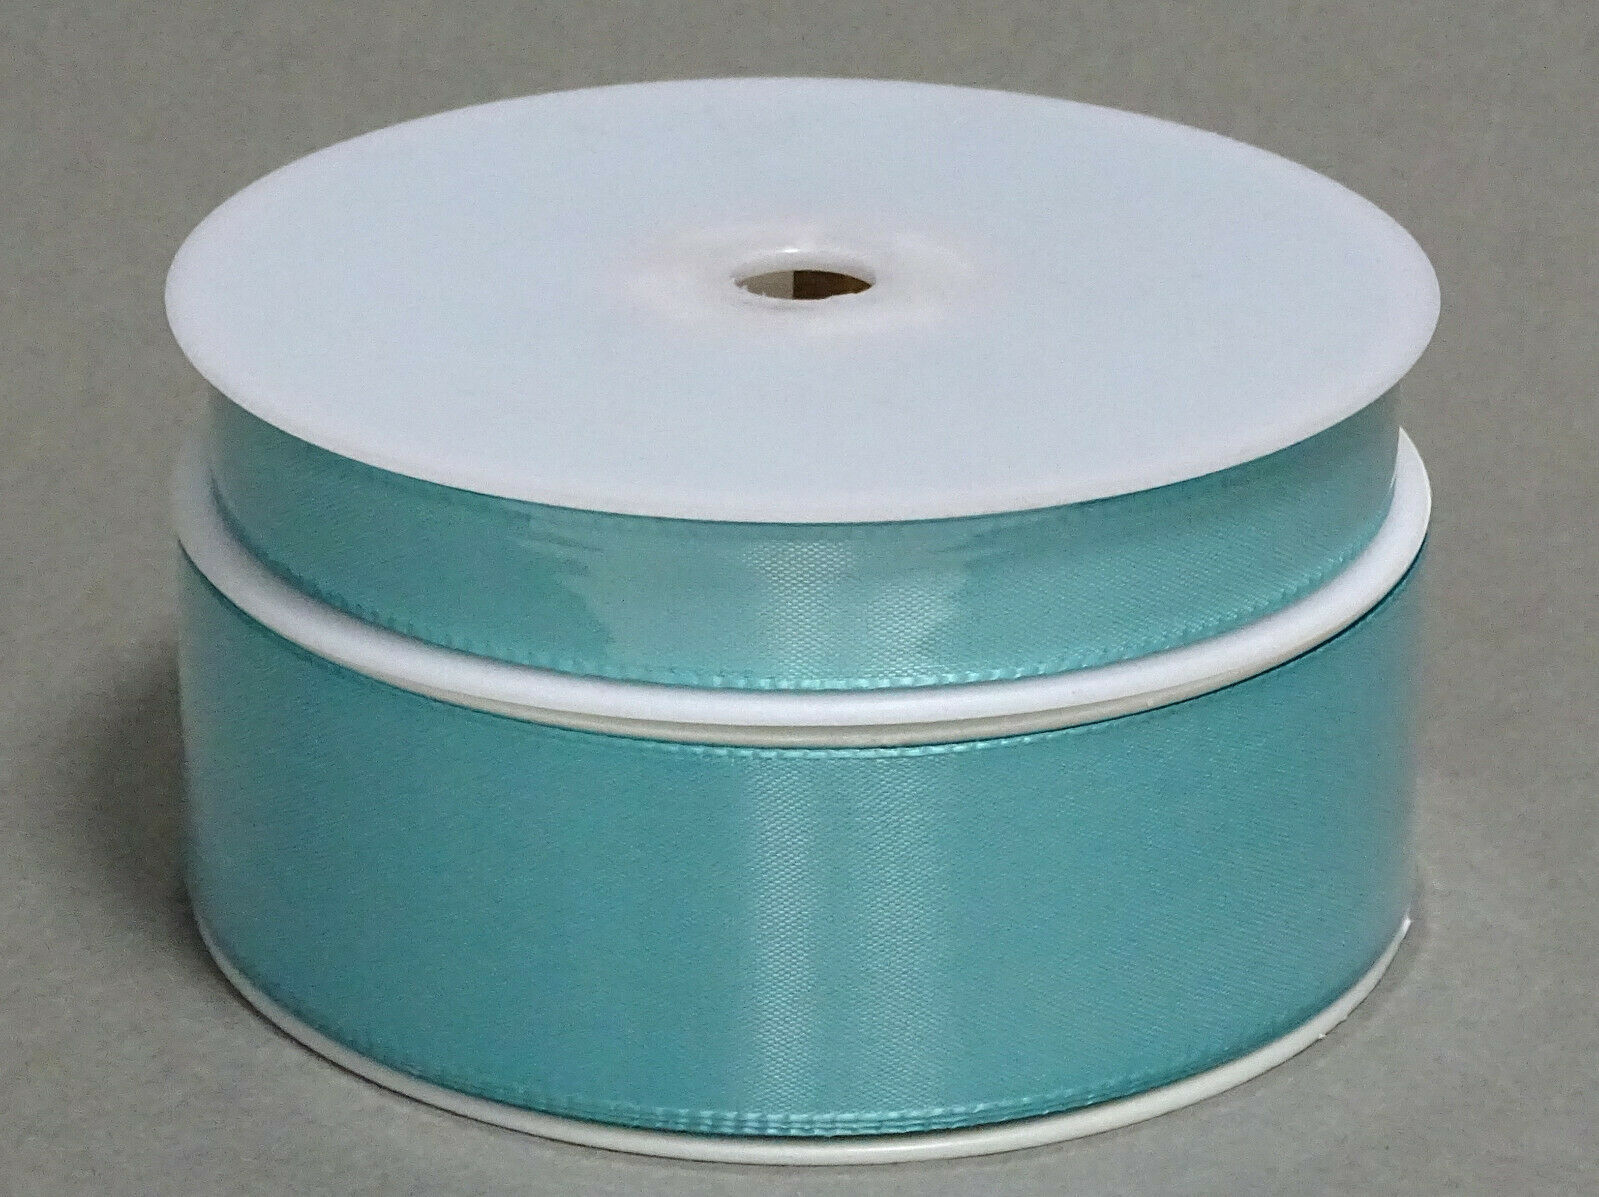 Seidenband Schleifenband 50 m x 15 / 25 / 40mm Dekoband ab 0,08€/m Geschenkband  - Aqua-Mint 146, 15 mm x 50 m